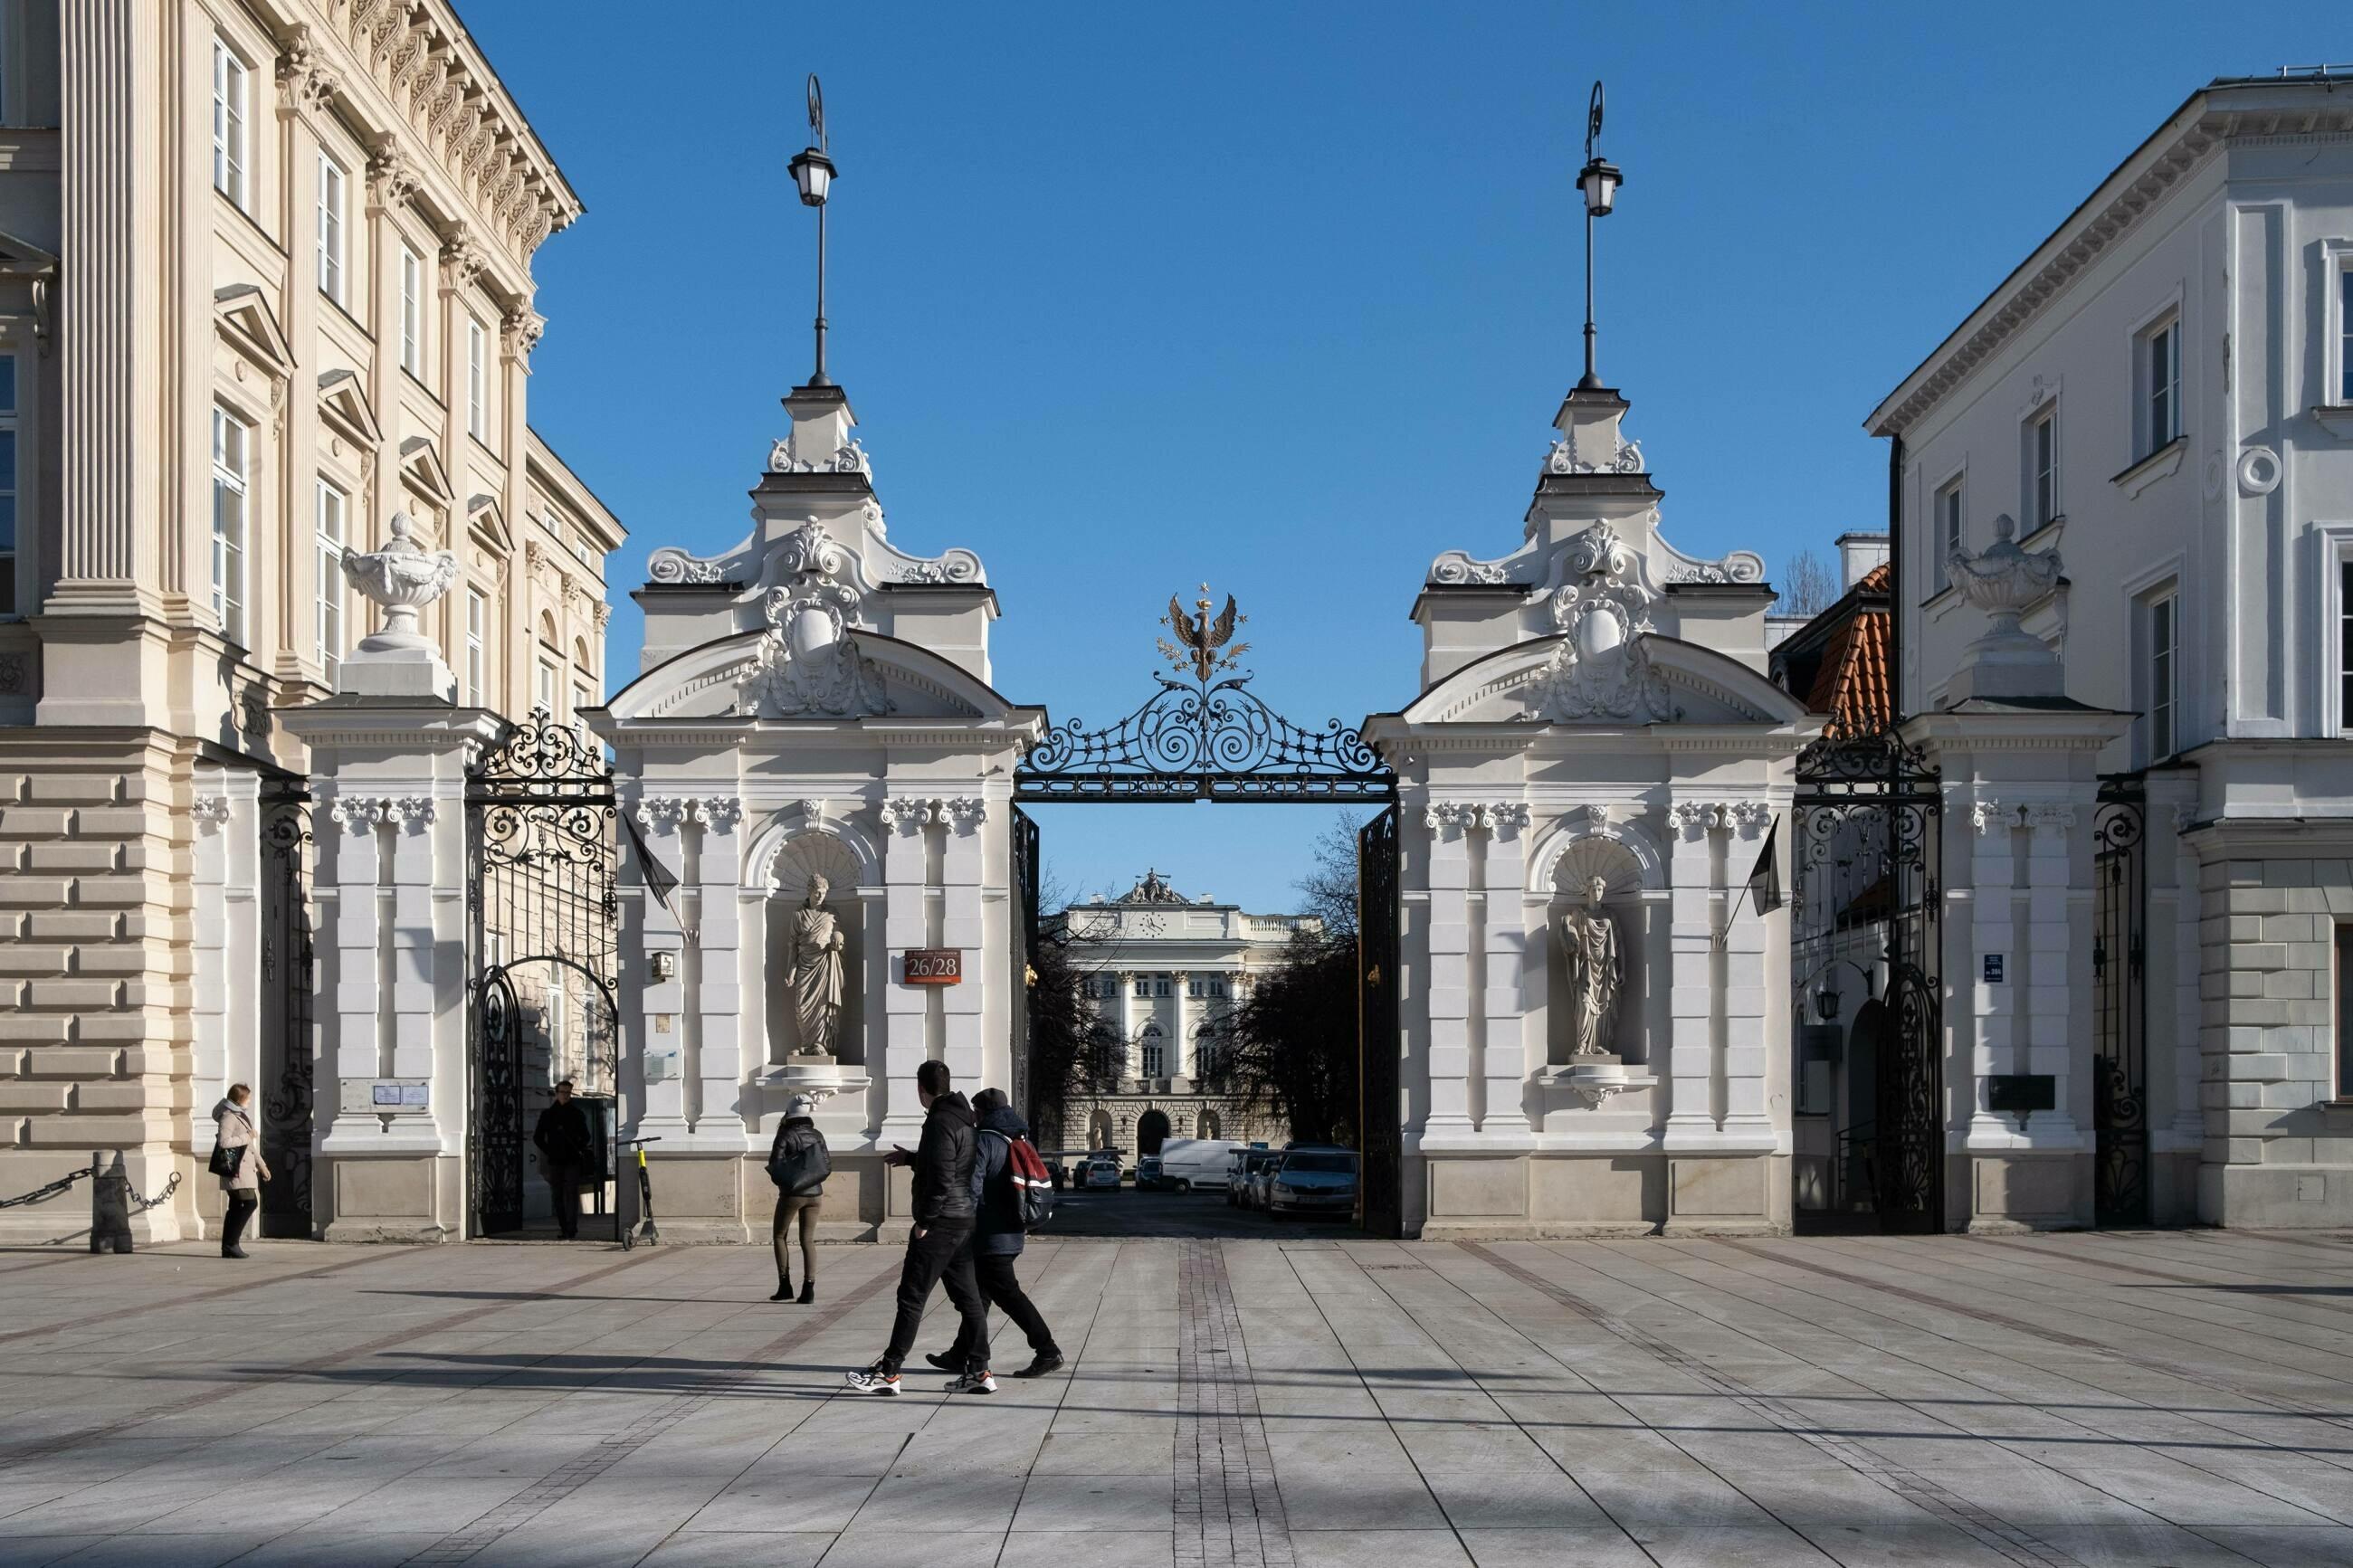 Brama Uniwersytetu Warszawskiego na Krakowskim Przedmieściu